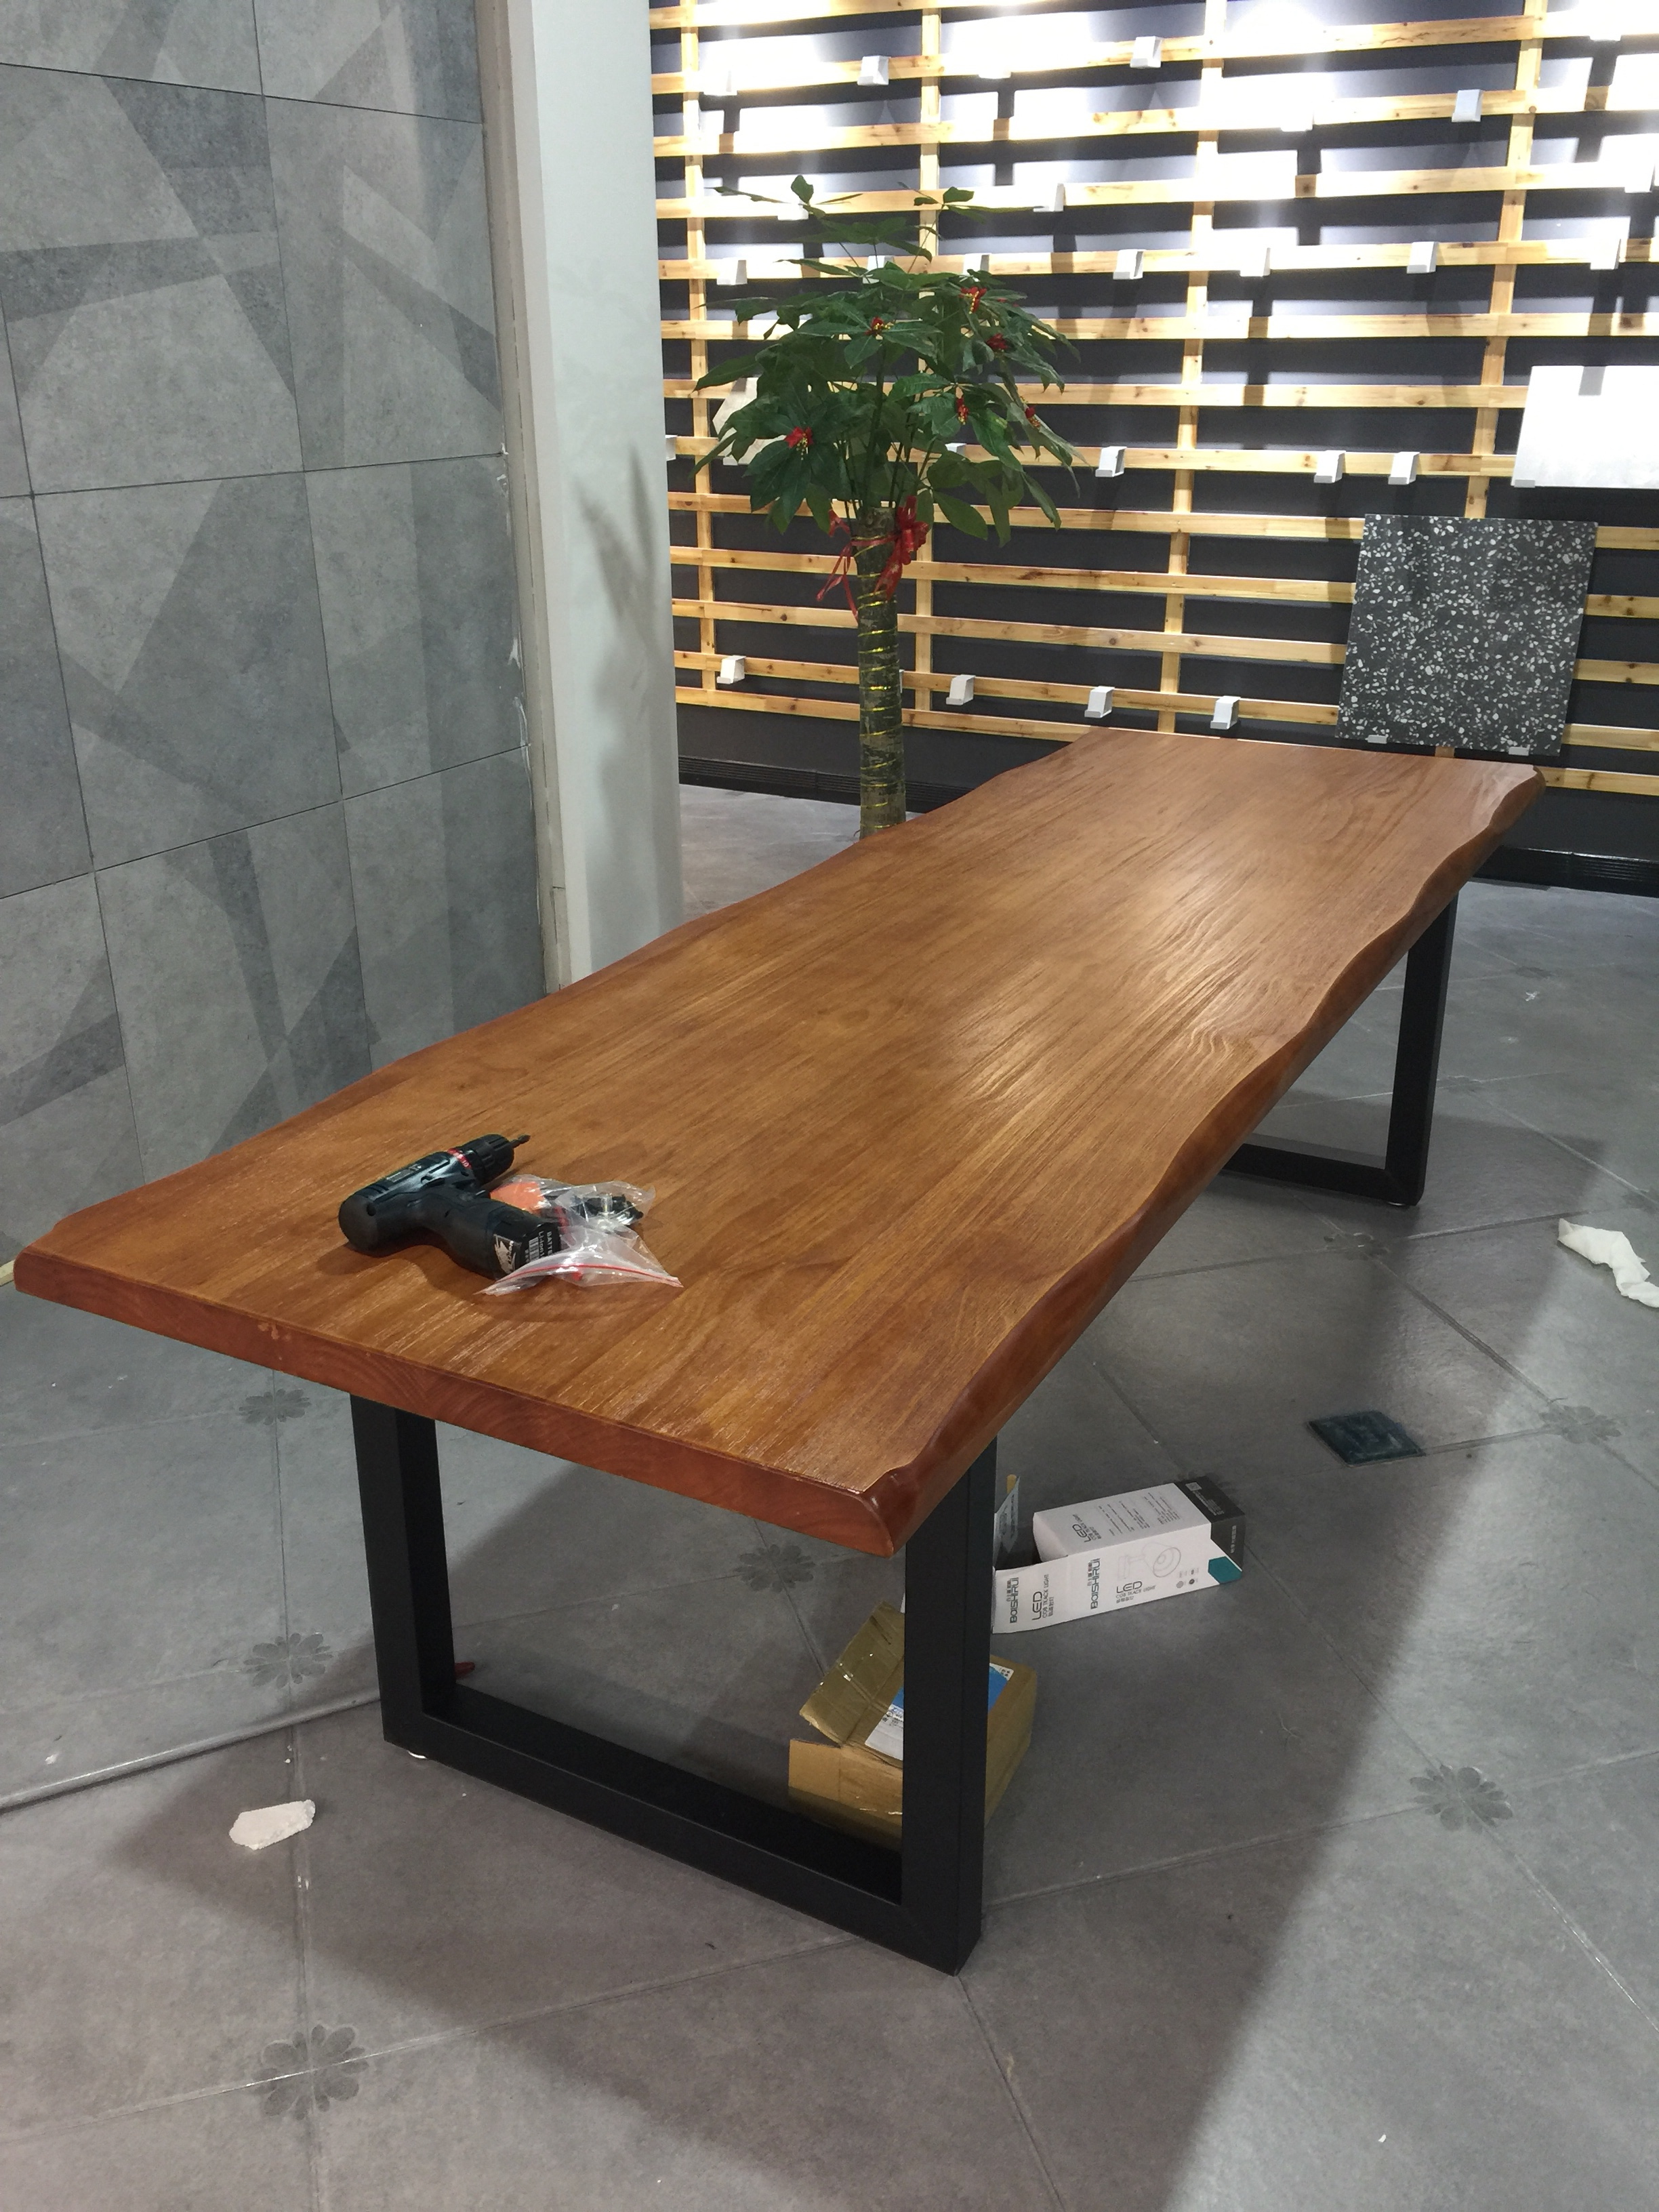 简约铁艺实木大板桌办公桌工作台洽谈桌长方形会议桌复古写字桌子